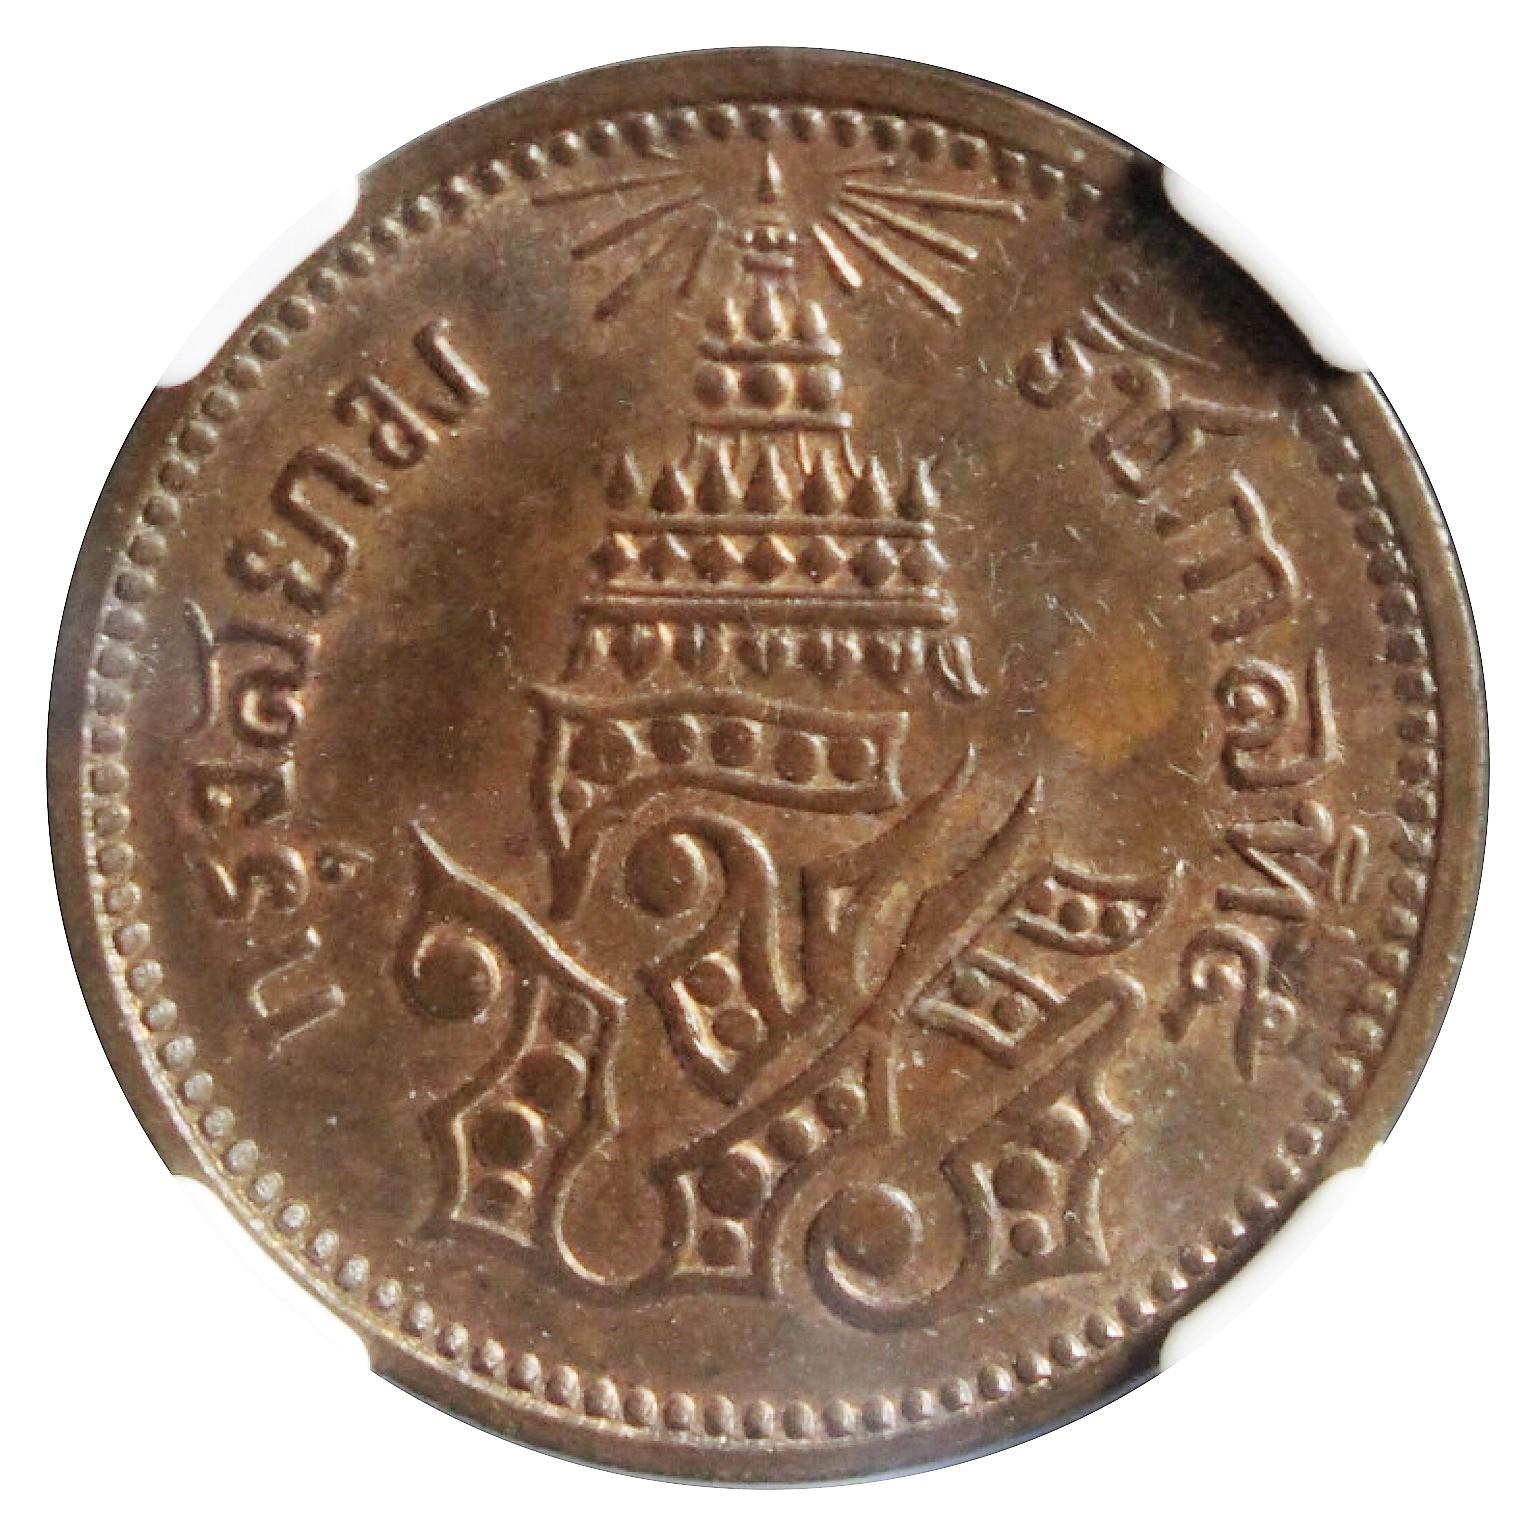 เหรียญกษาปณ์ทองแดง ตรา จปร รัชกาลที่๕ 1อัฐ MS64 BN